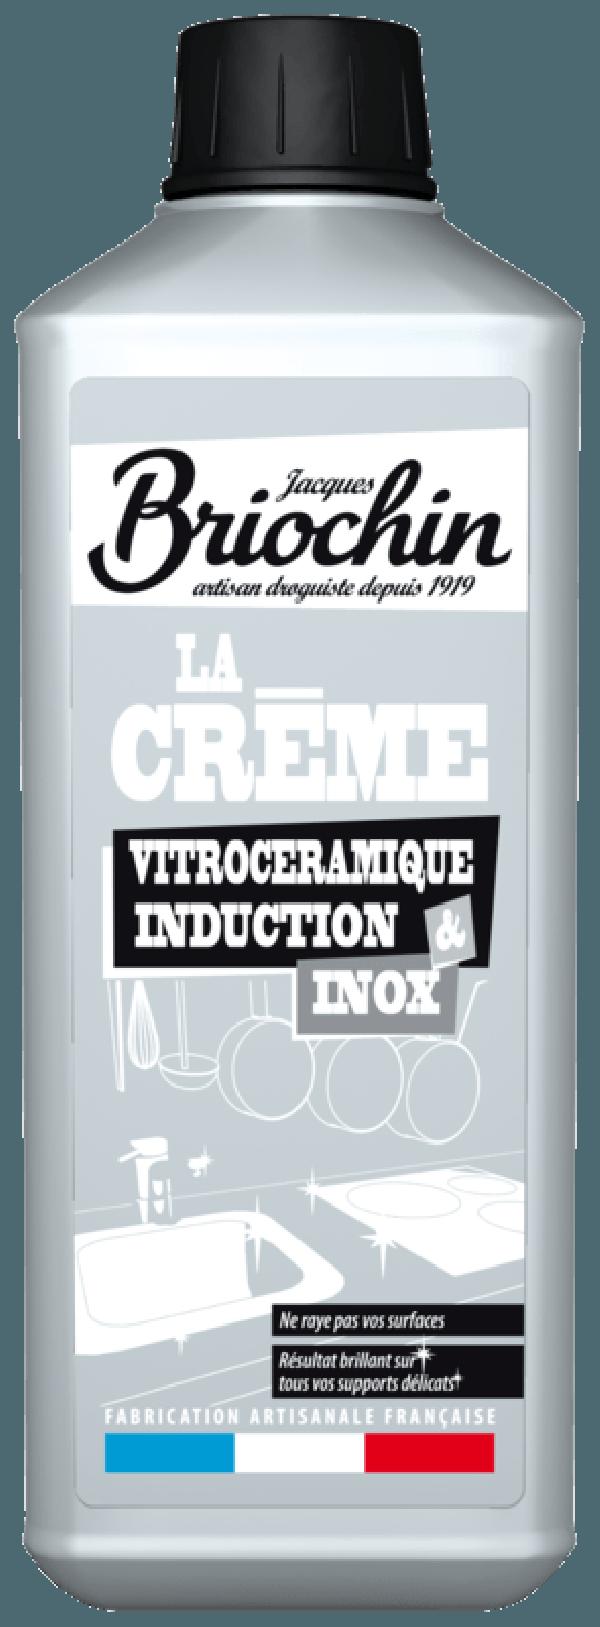 JACQUES BRIOCHIN: CRÈME VITROCÉRAMIQUE INDUCTION ET INOX (Limpiador en crema para placas vitrocerámicas, de inducción y acero inoxidable)